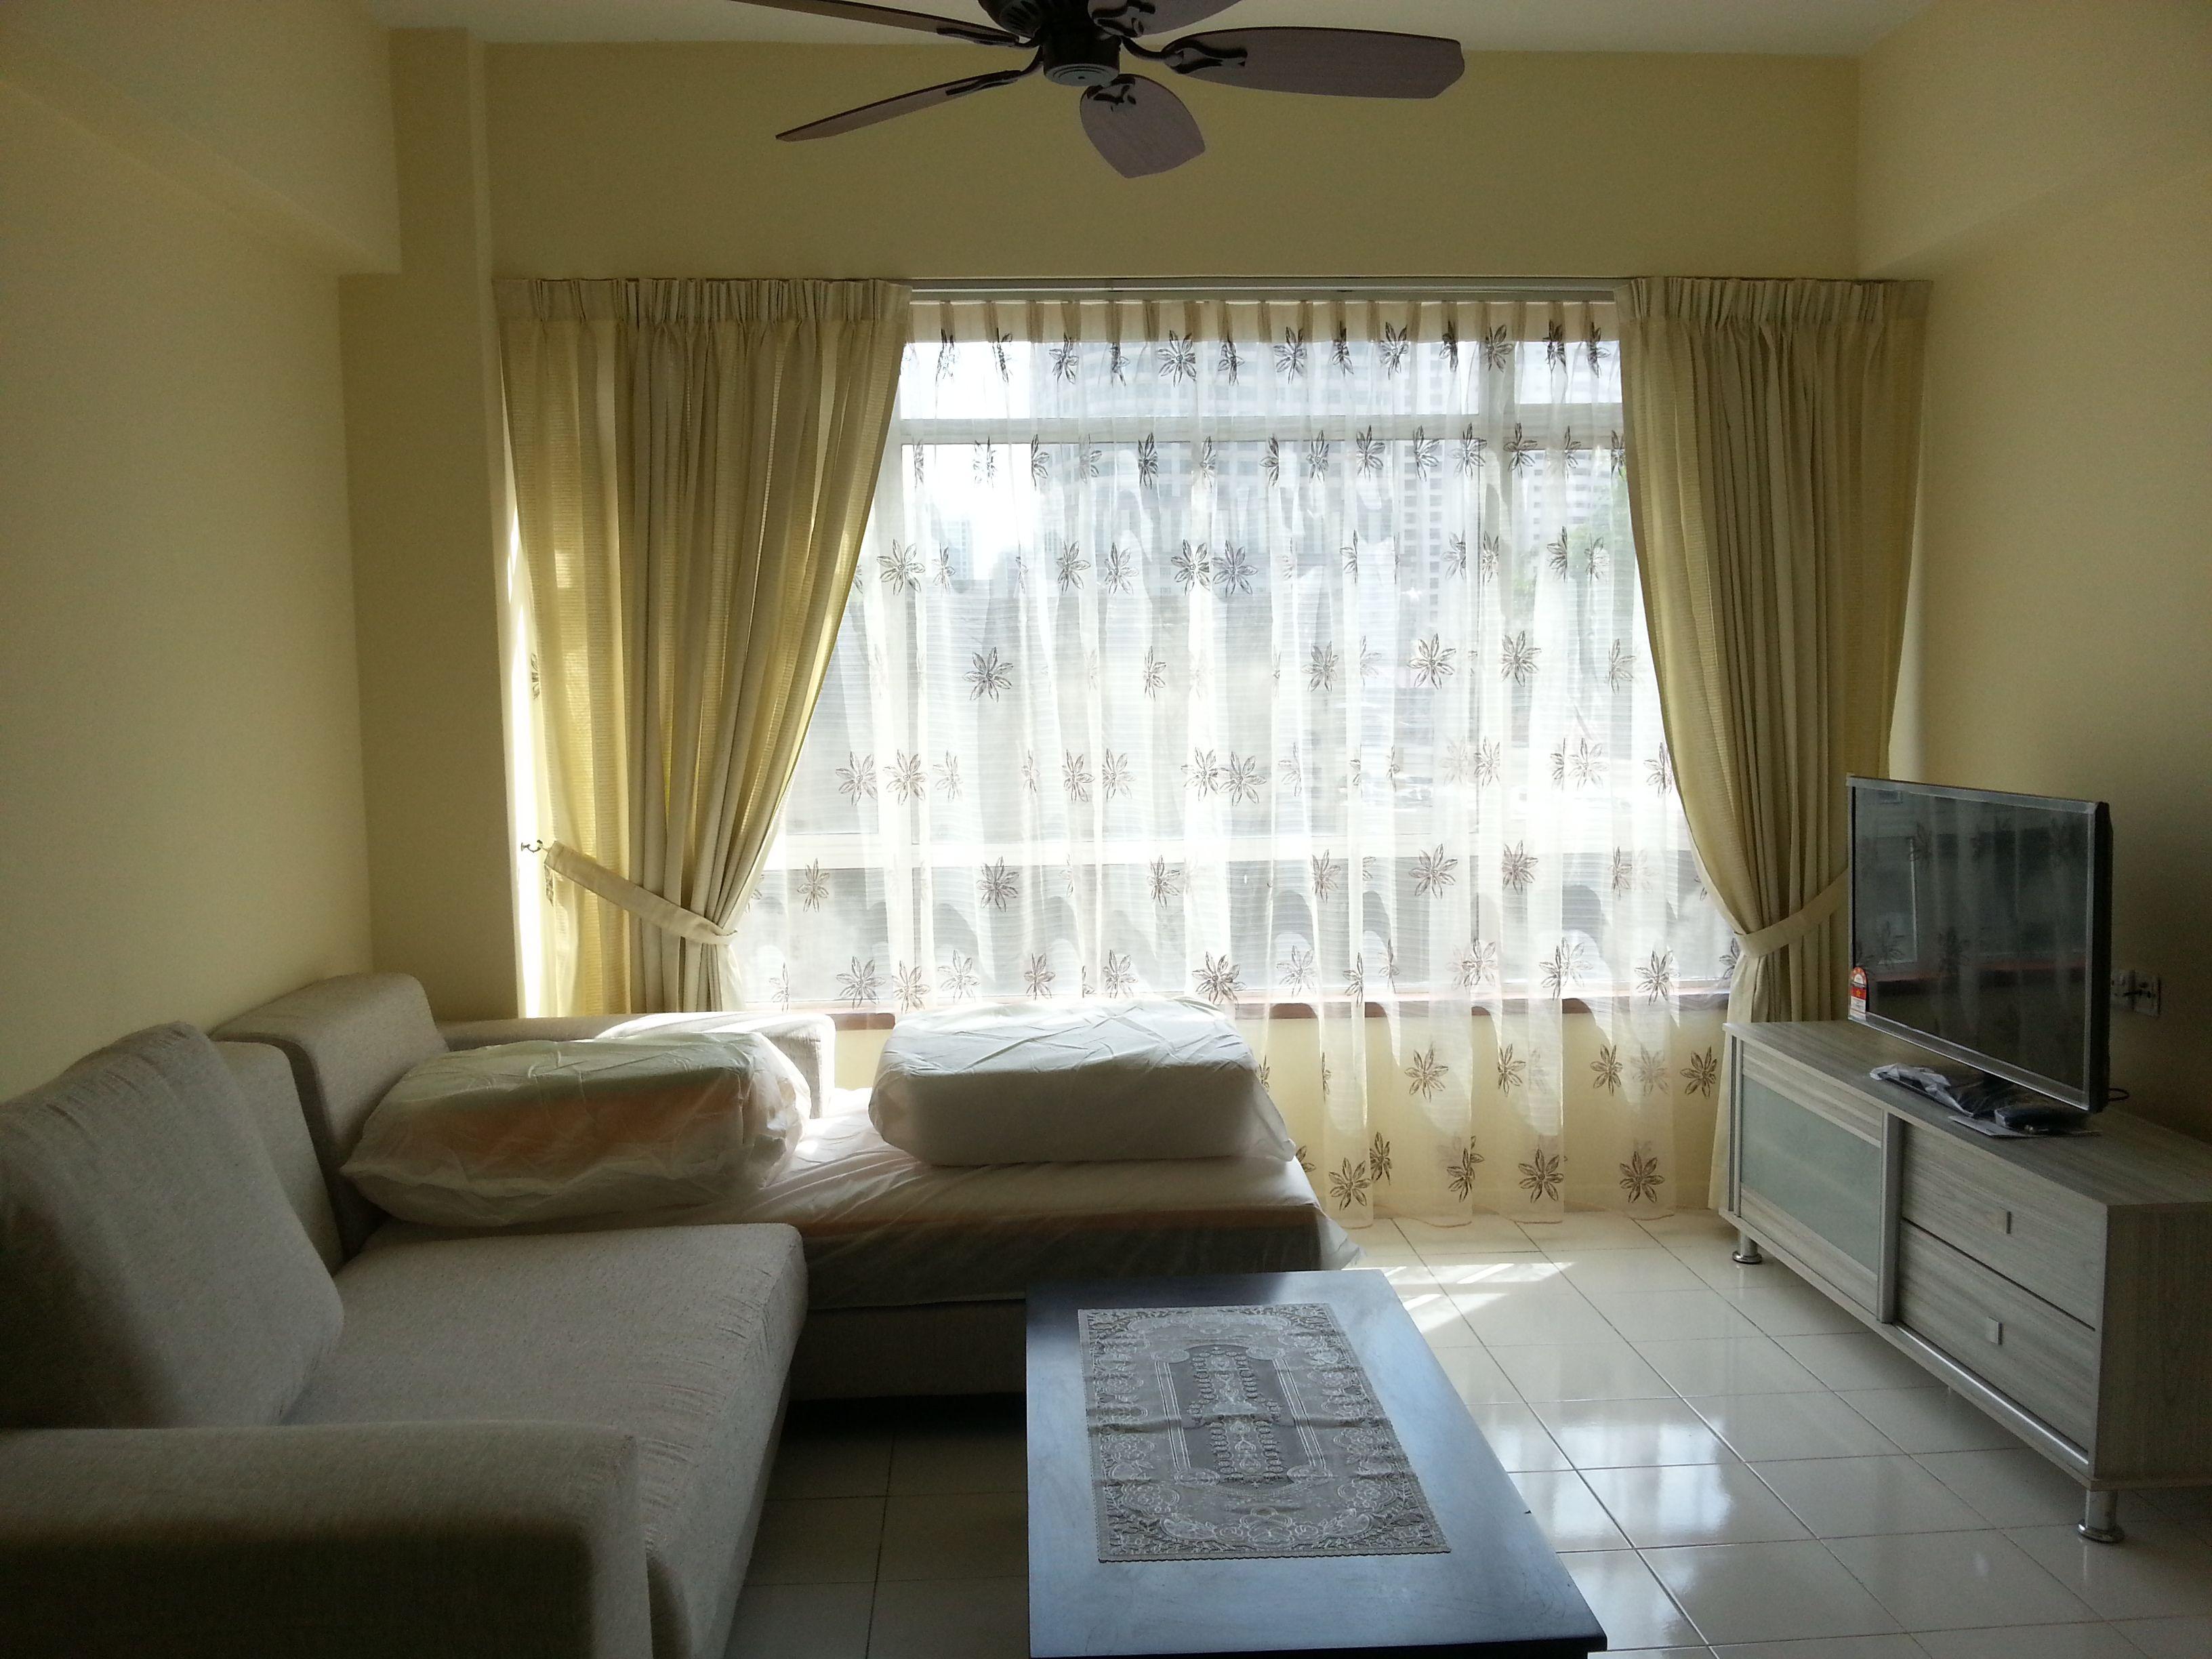 38 Bidara 2 bedroom apartment Bukit Bintang KL call 016